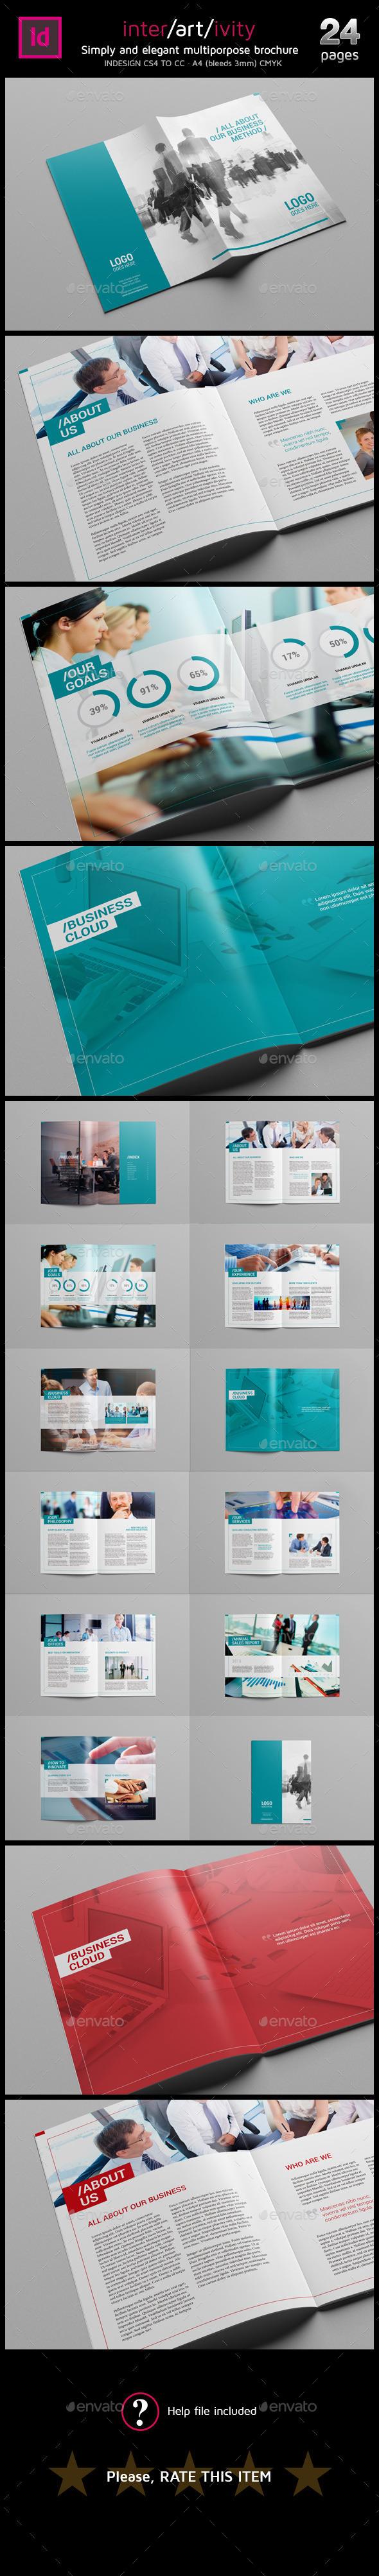 GraphicRiver Clean A4 multipurpose brochure 11790172